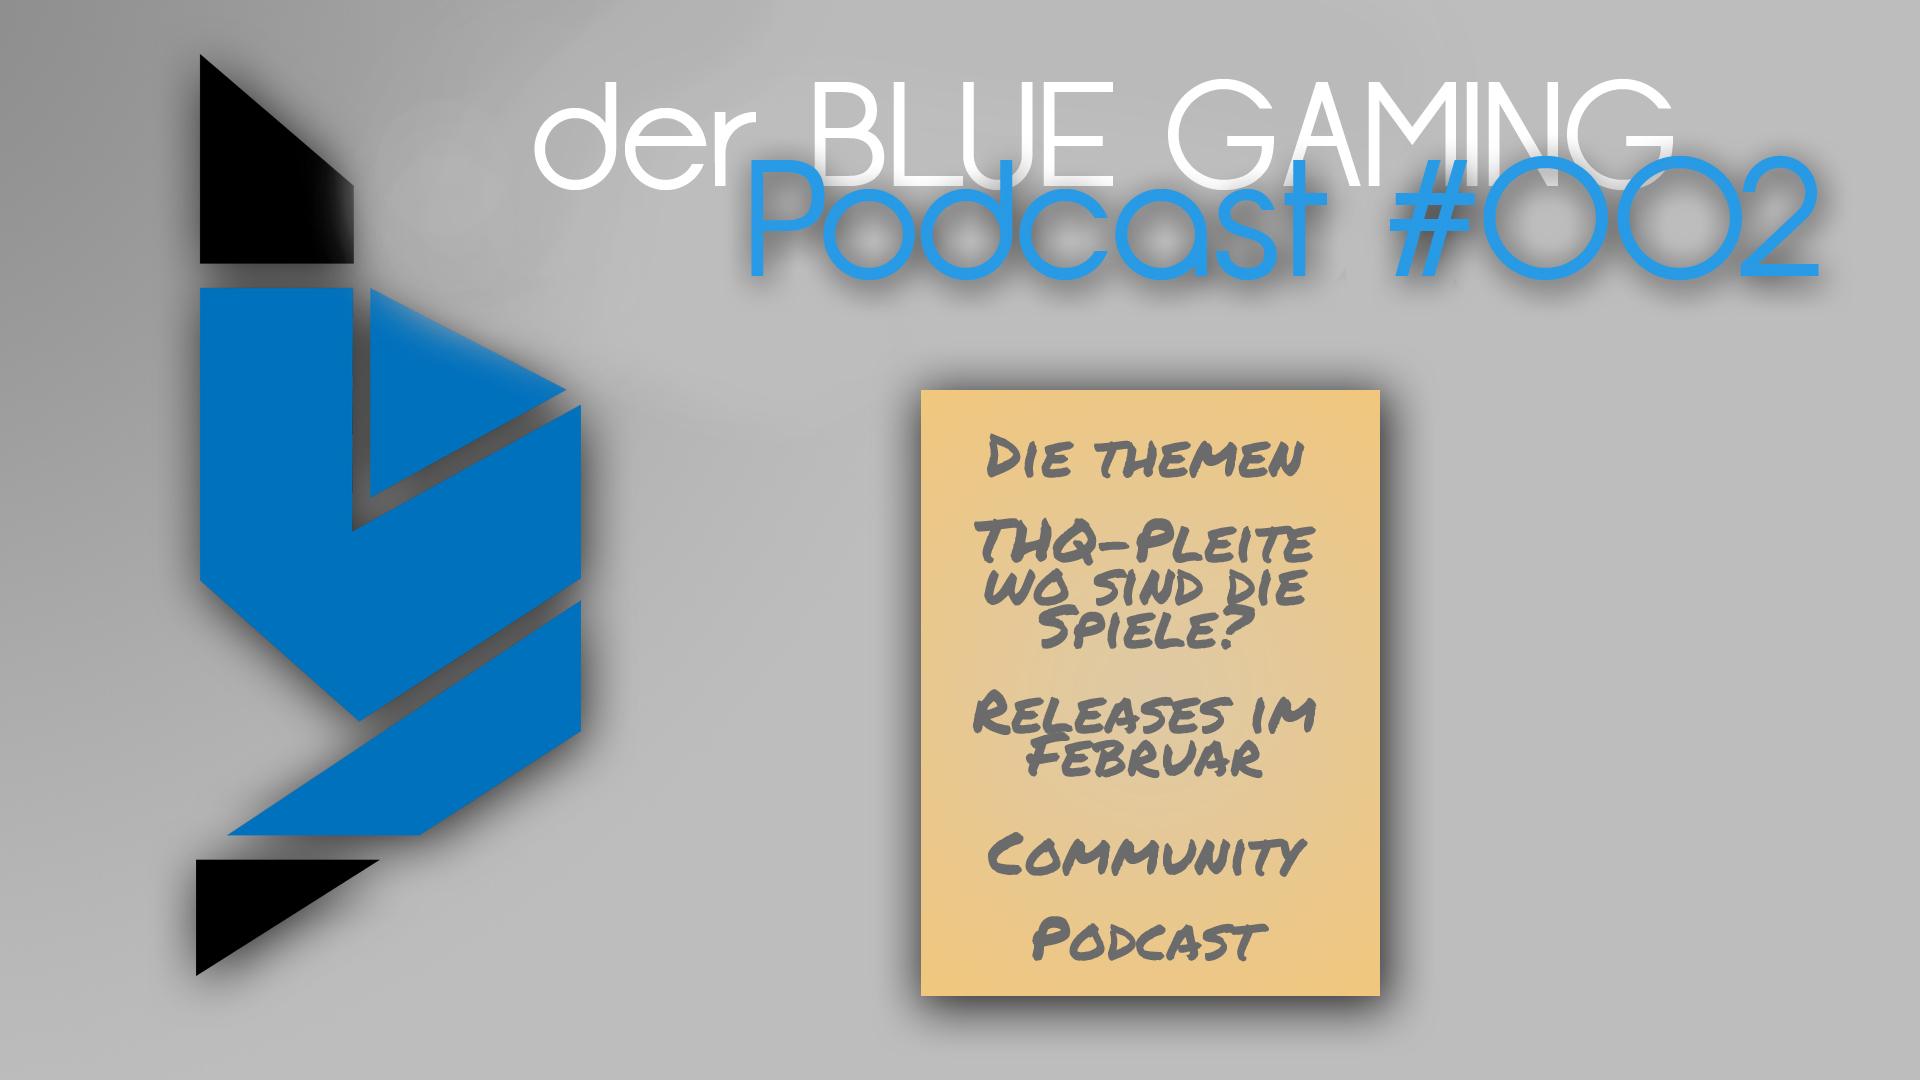 Der zweite BLUE GAMING Podcast